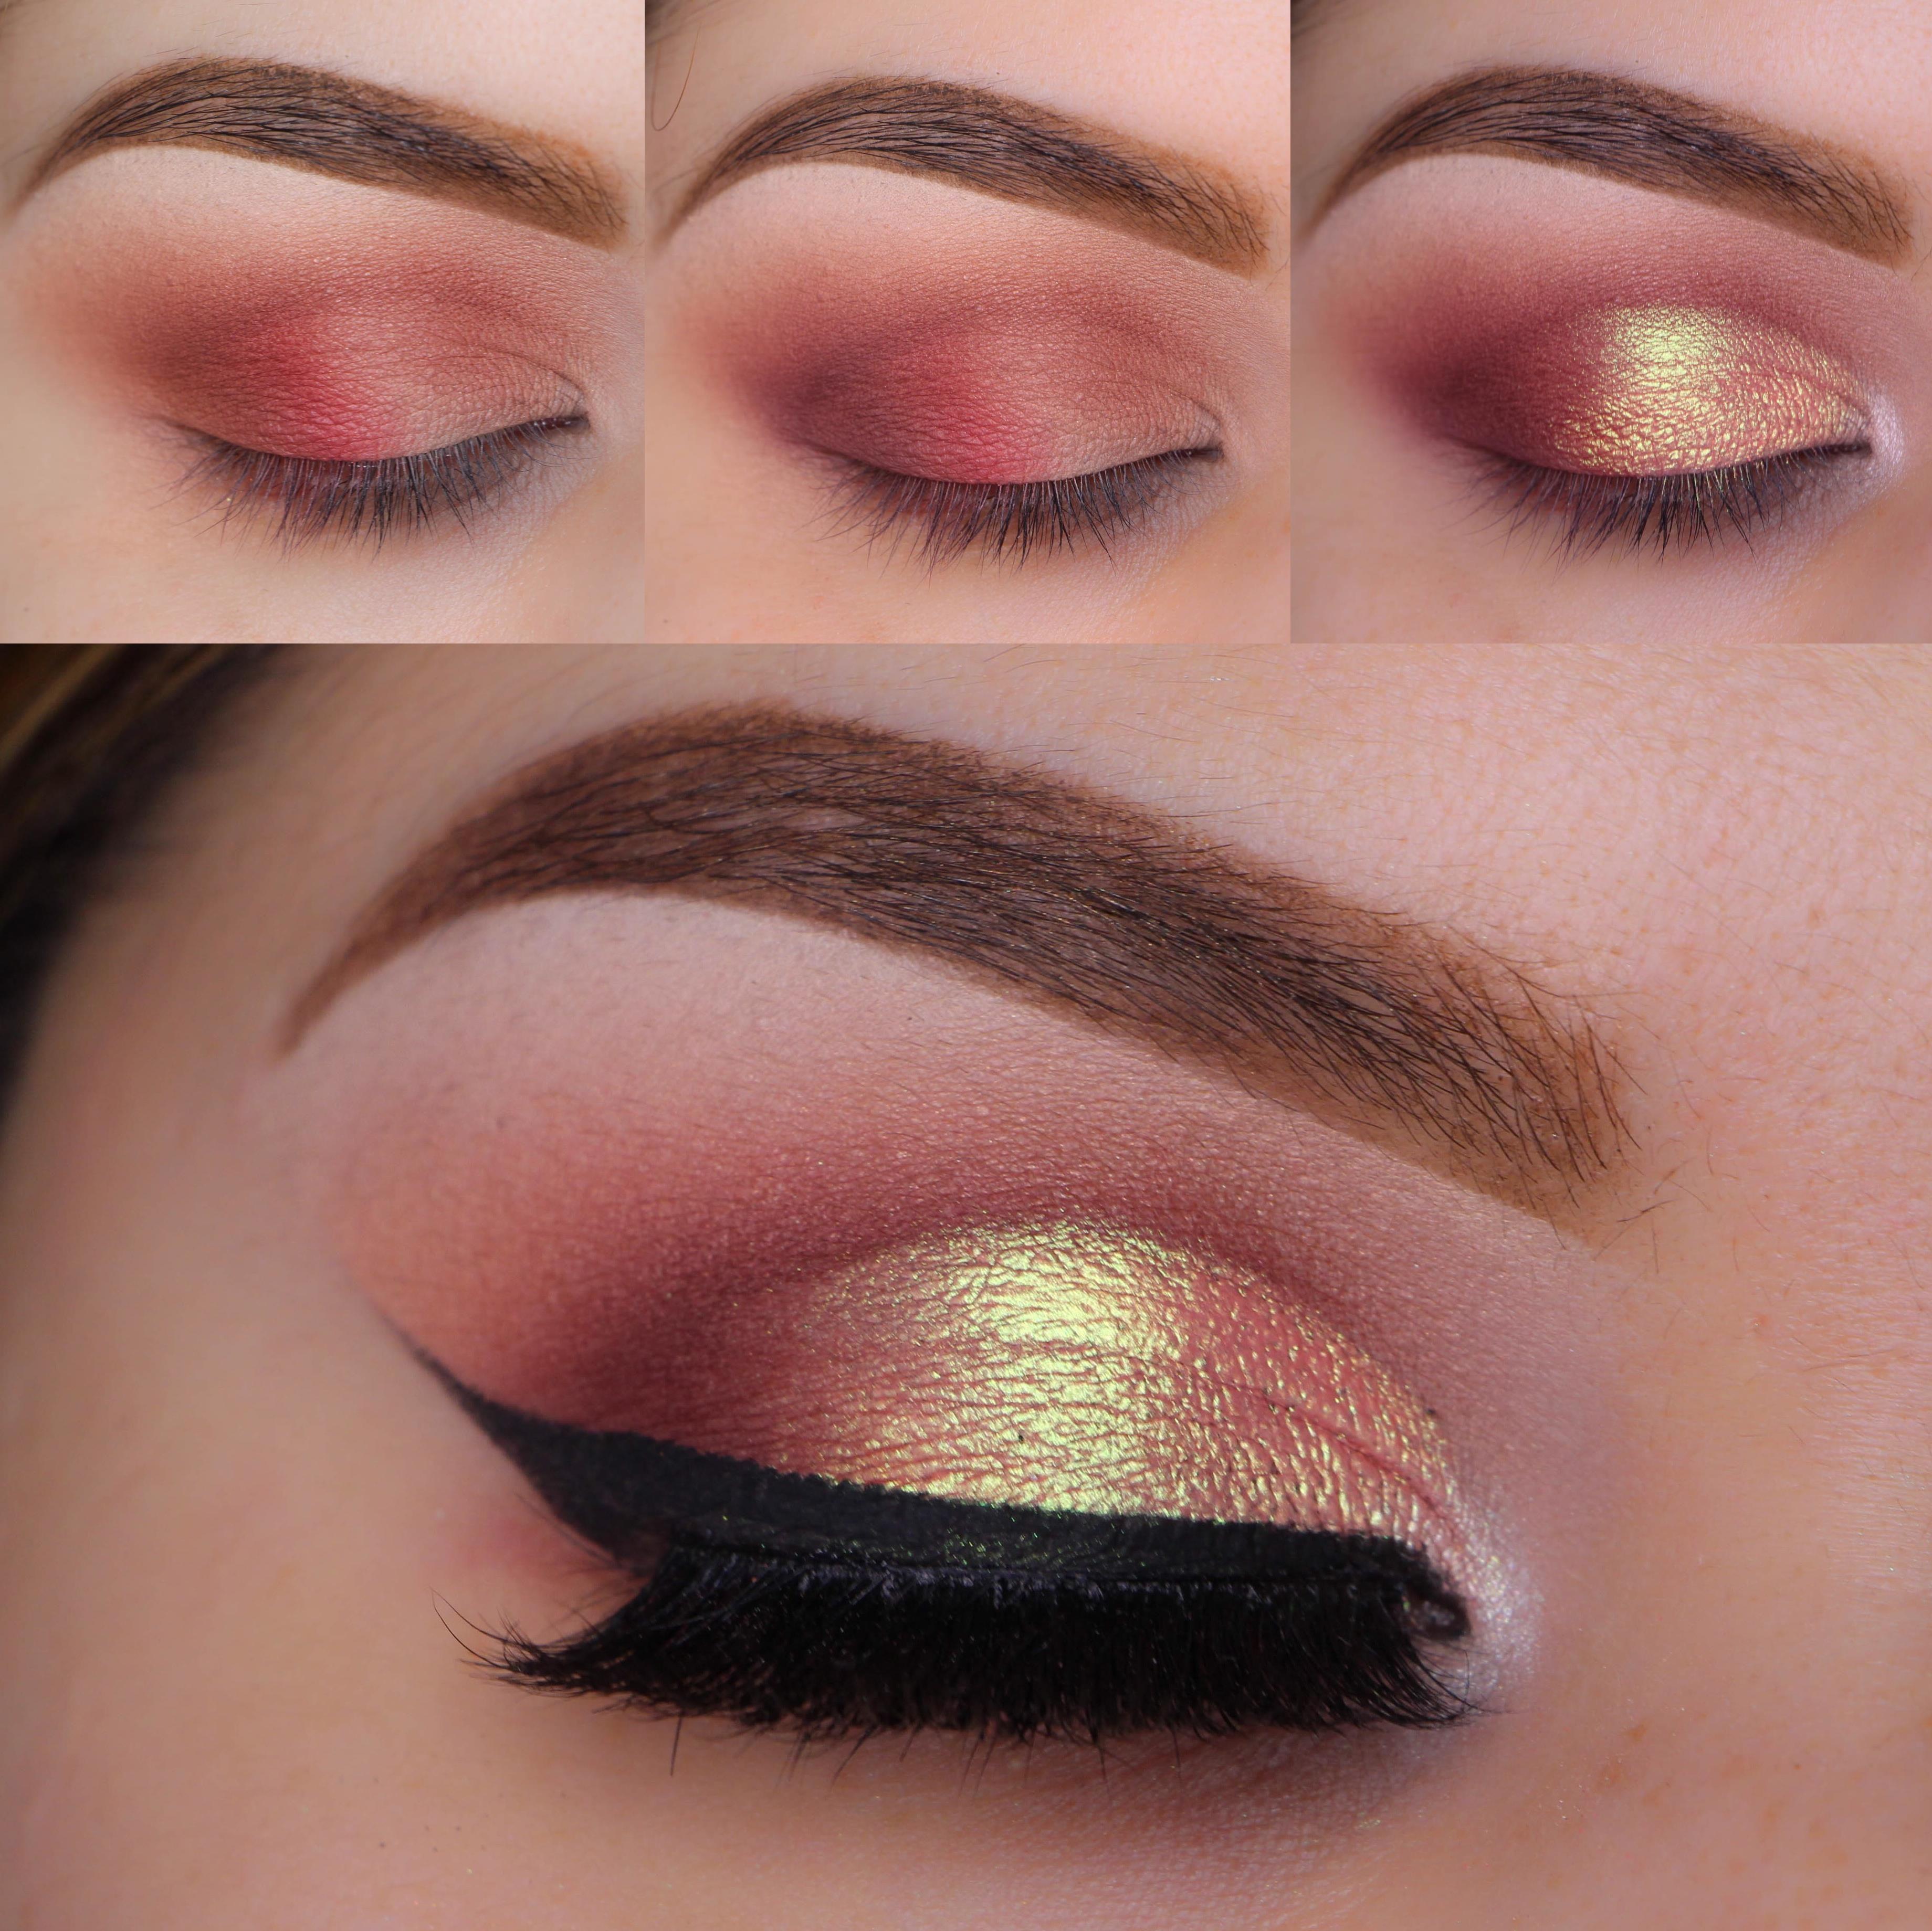 Pin de M en Makeup | Pinterest | Maquillaje, Ojos y Maquillaje de ojos